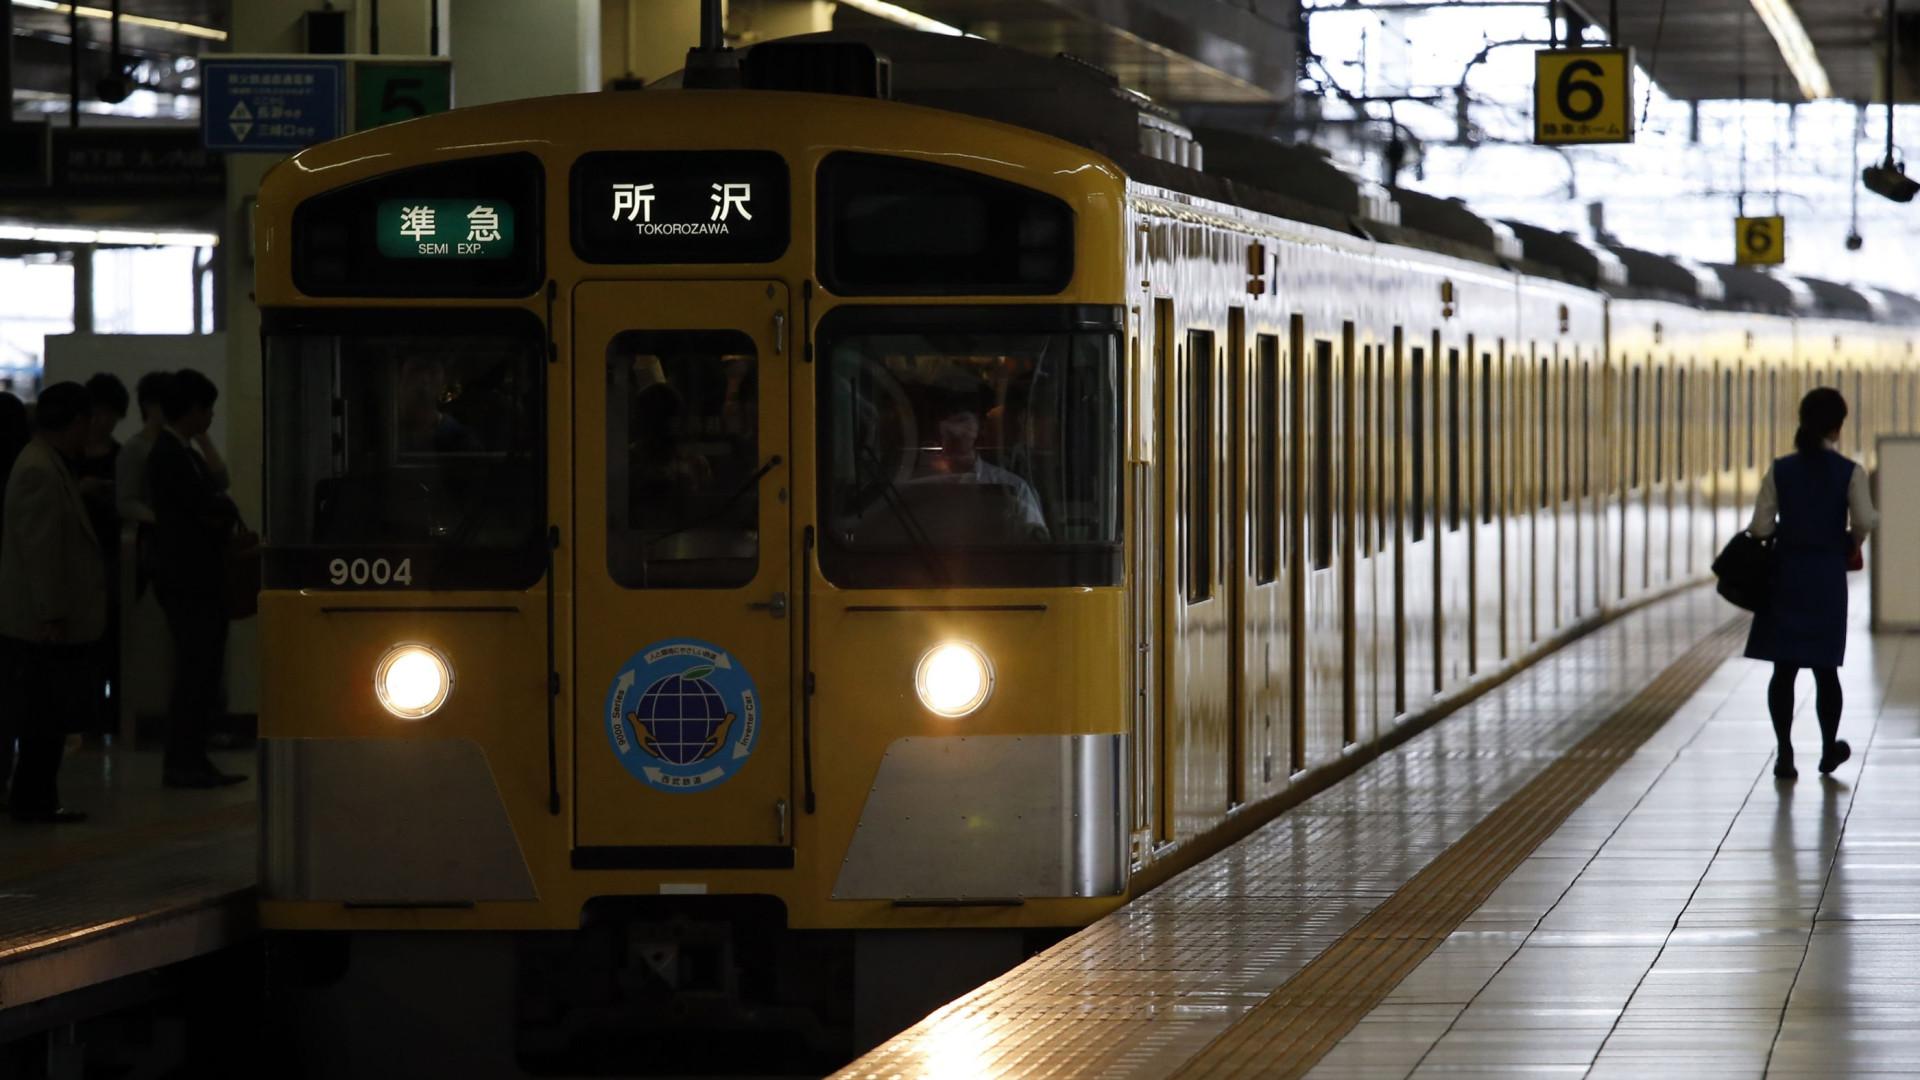 Japão: Empresa pede desculpas porque comboio partiu 25 segundos mais cedo